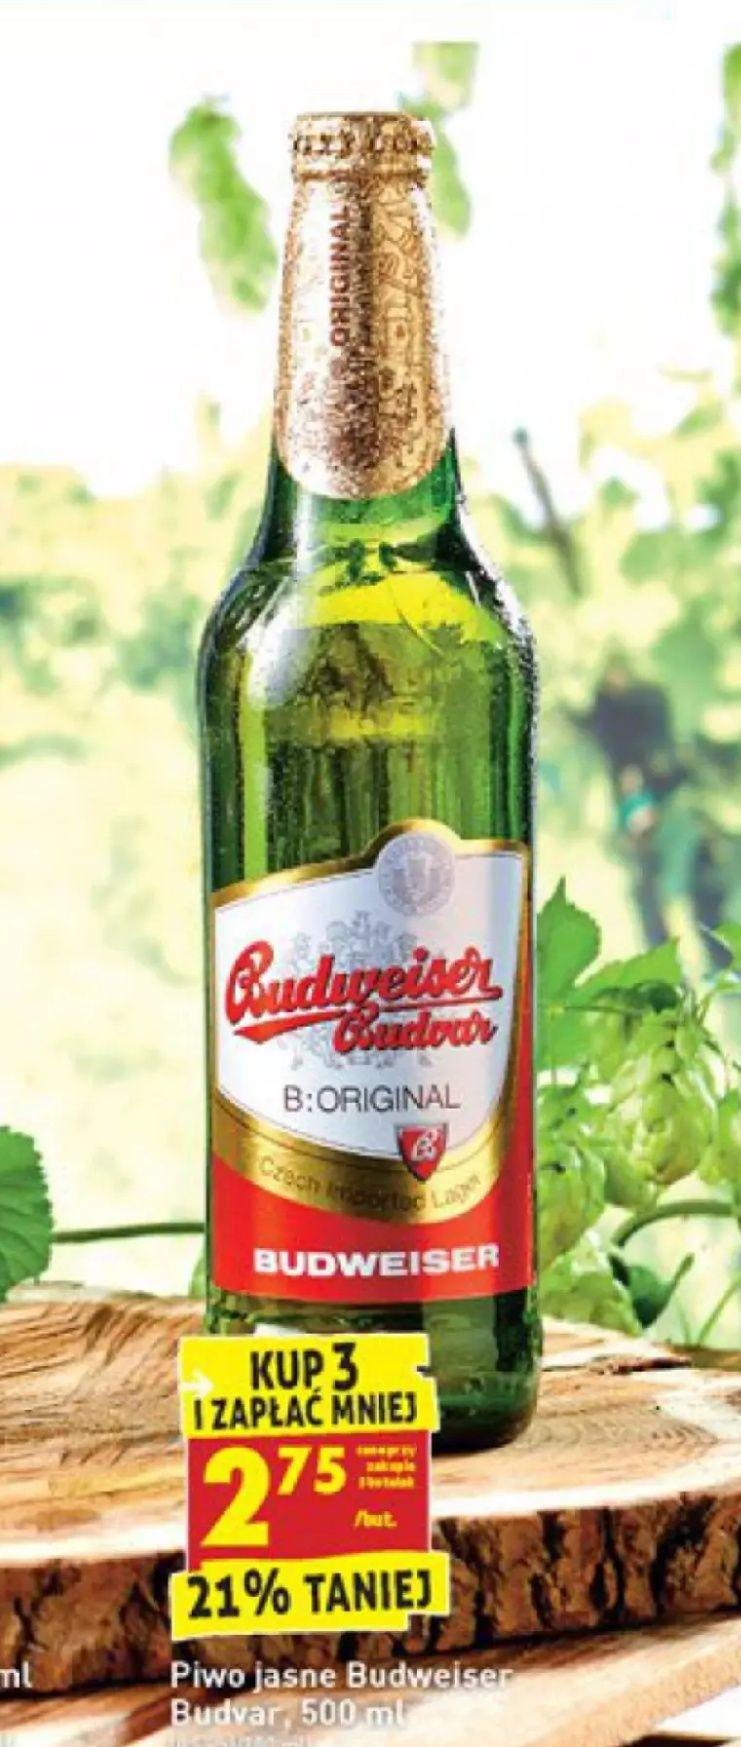 Piwo Budweiser Budvar Original 500ml za 2,75zł przy zakupie 3   07.09 - 12.09 @Biedronka